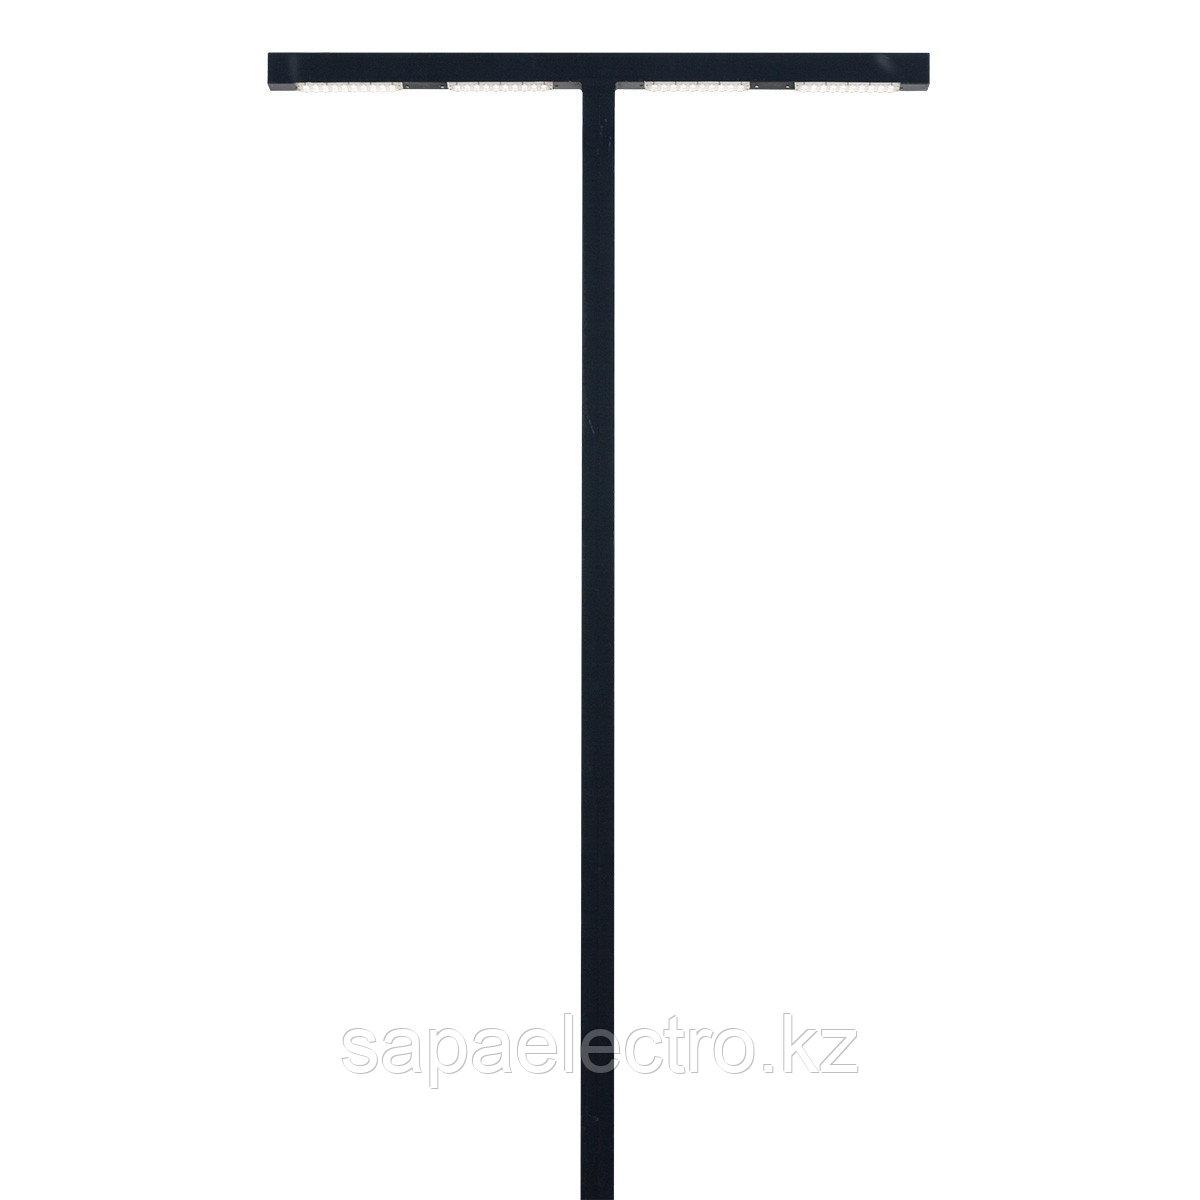 Св-к Профильный LED T-образный 120W 80х80 BLACK H-5